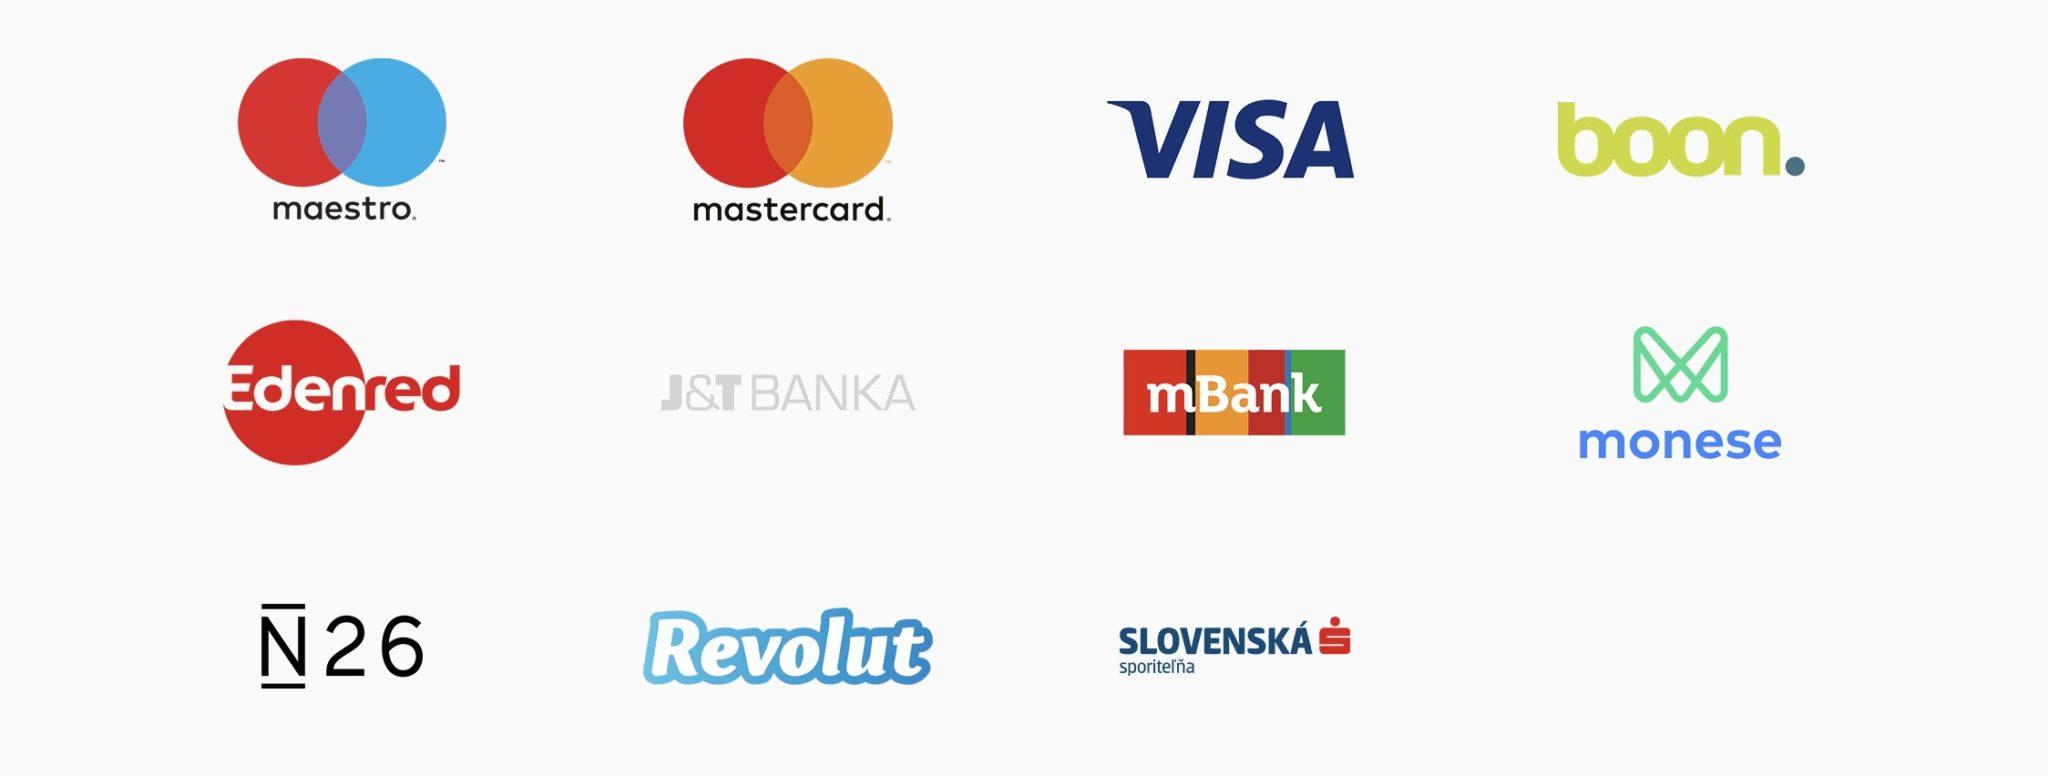 apple pay slovensko podporovane banky - Apple Pay na Slovensku: podporované banky, platobné karty a ďalšie informácie